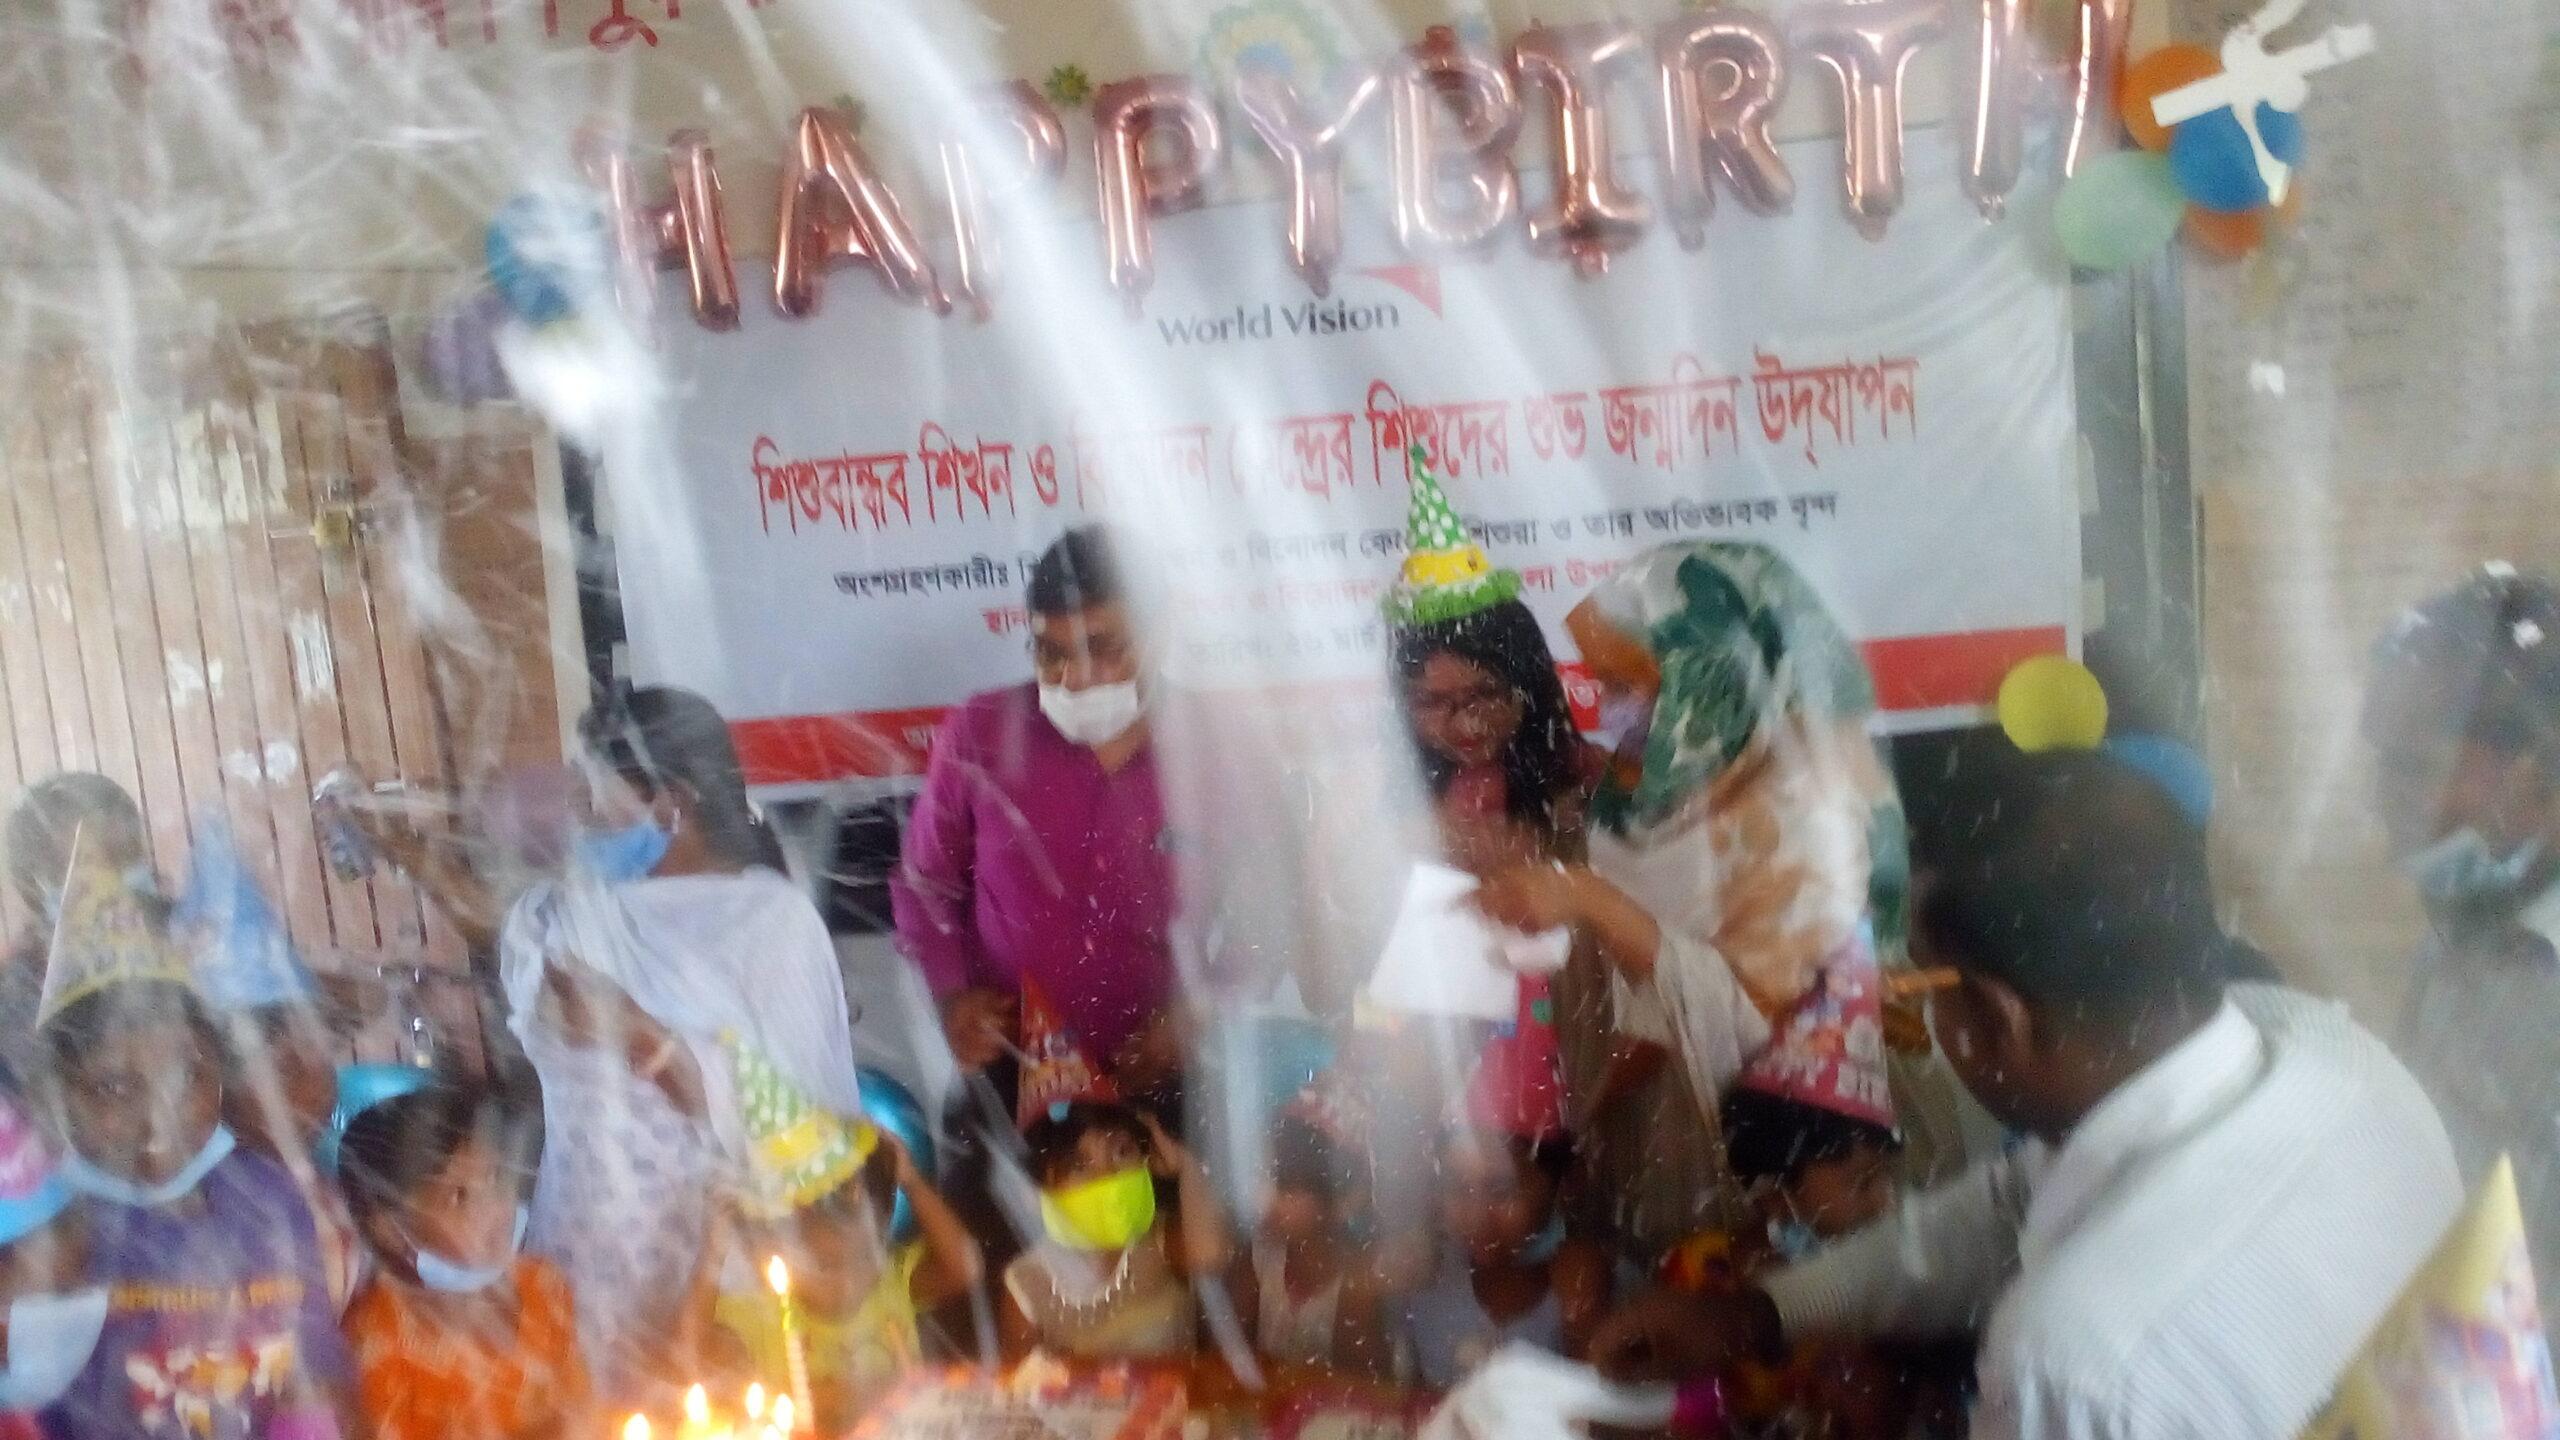 মোংলায় নতুন কলি শিশু বান্ধব কেন্দ্রের শিশুদের জন্মদিন পালন।